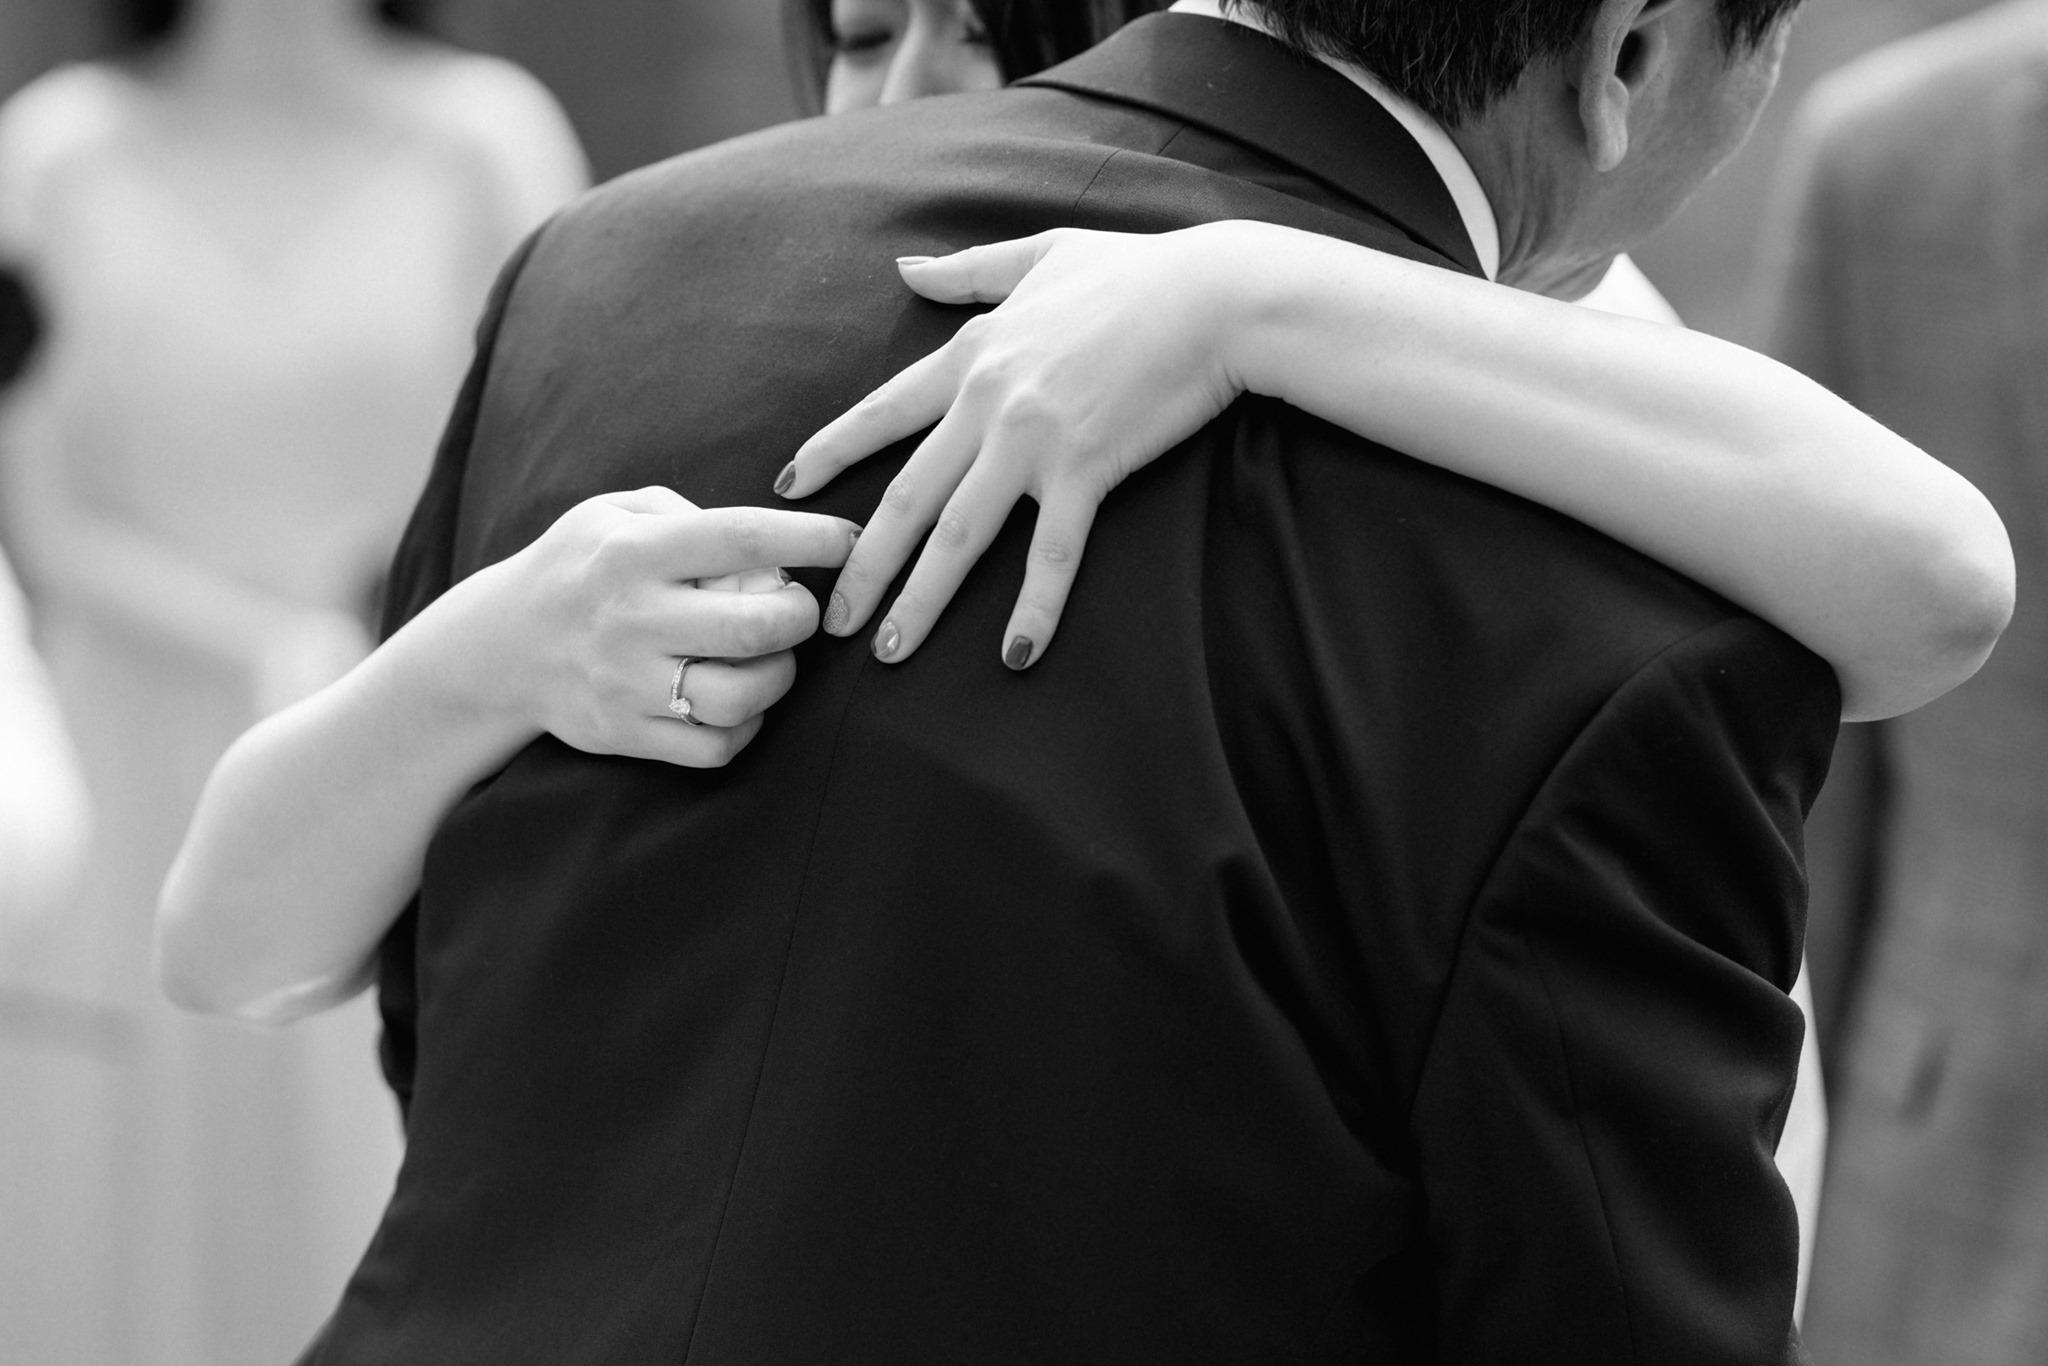 James&Ruby|瑪莎計畫婚禮主持人|婚禮顧問|婚禮企劃|婚禮服務